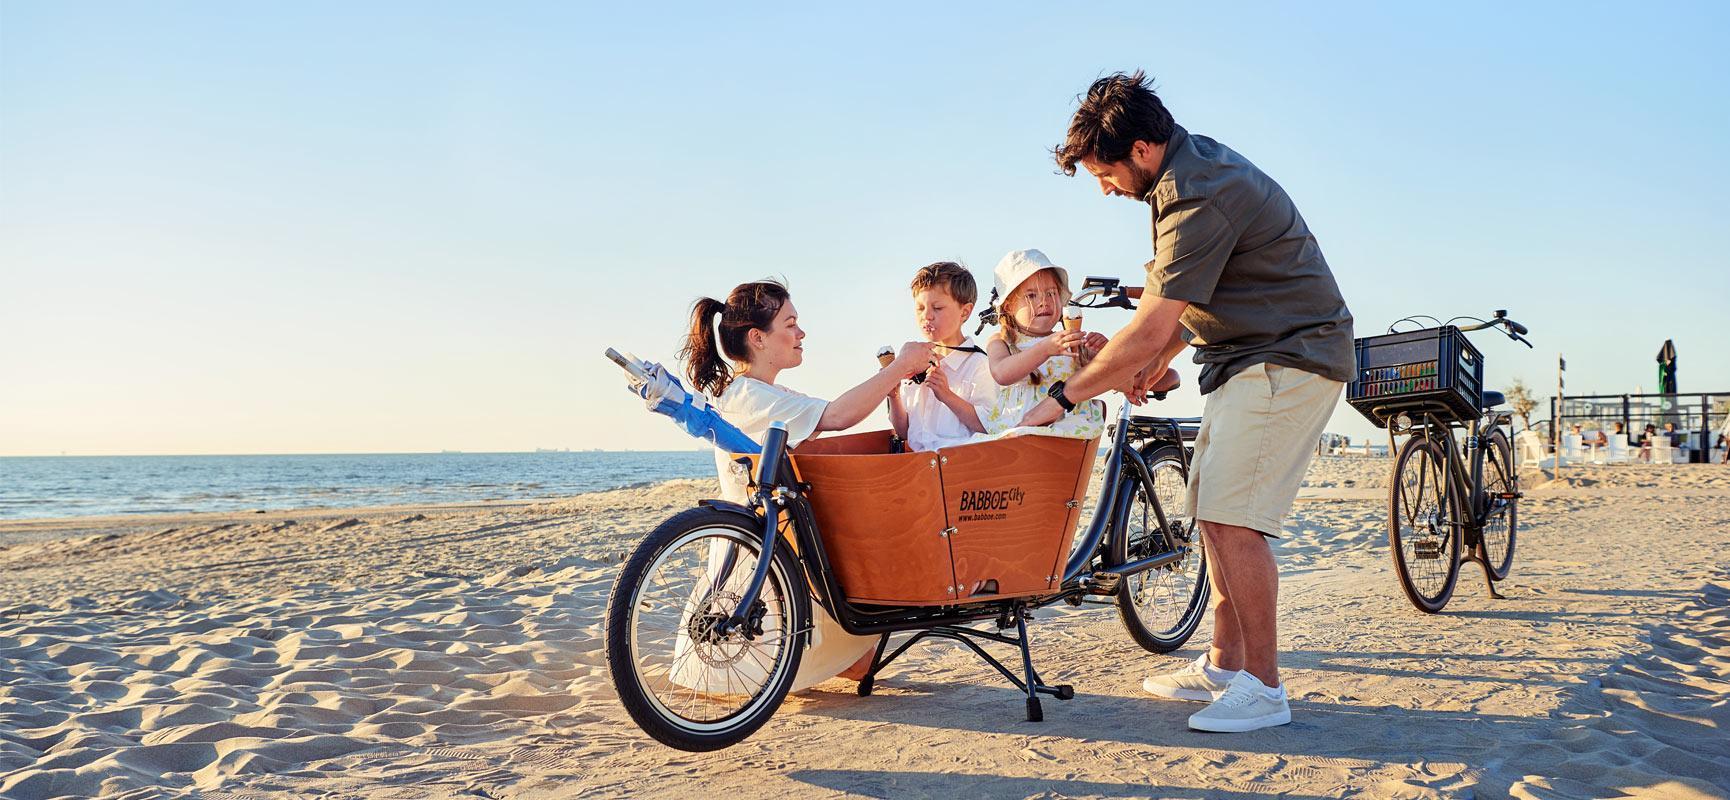 Louer un vélo cargo Babboe en vacances